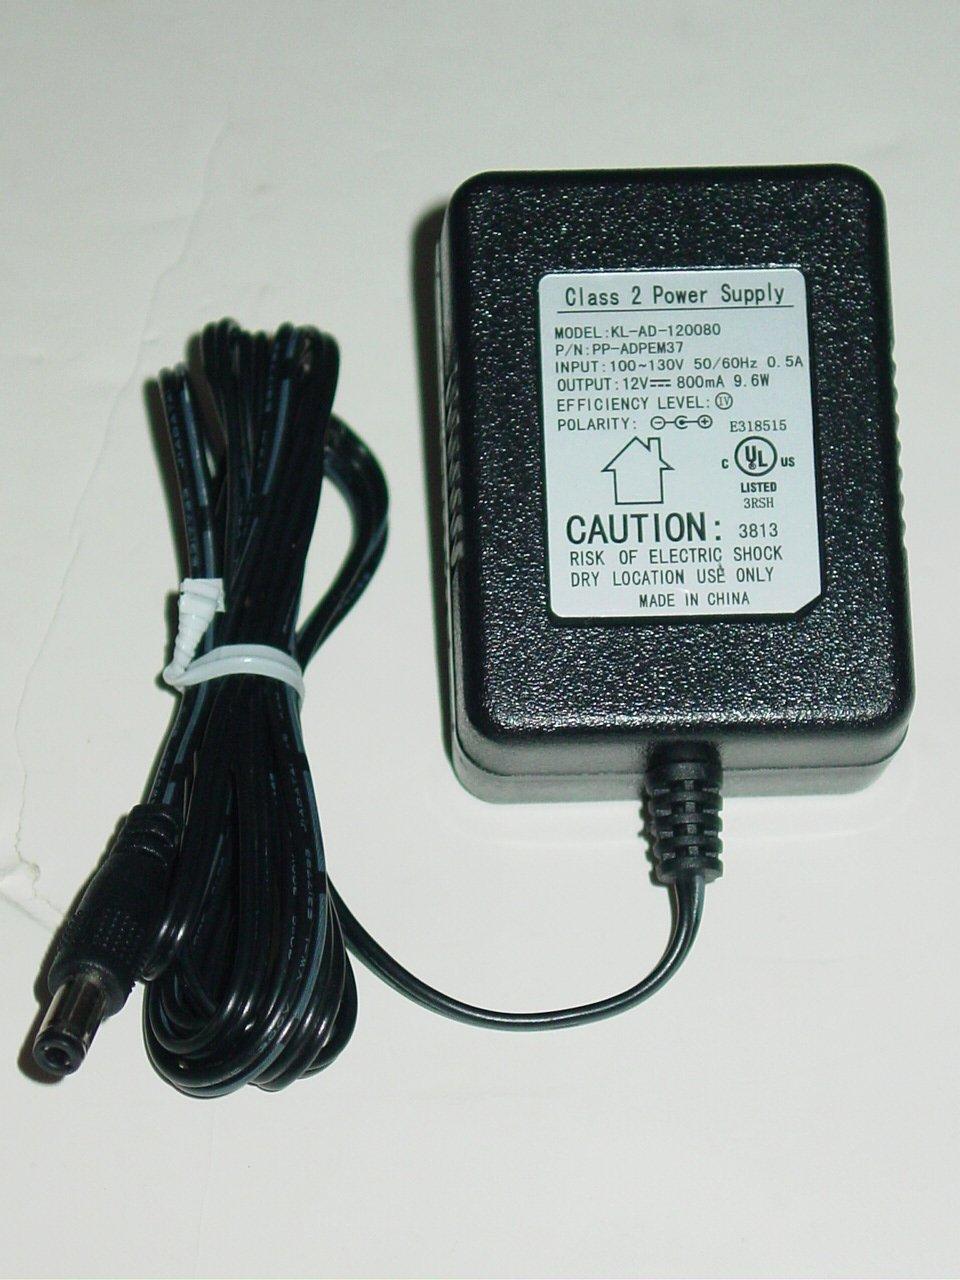 KL-AD-120080 AC Adapter PP-ADPEM37 12V 800mA KLAD120080